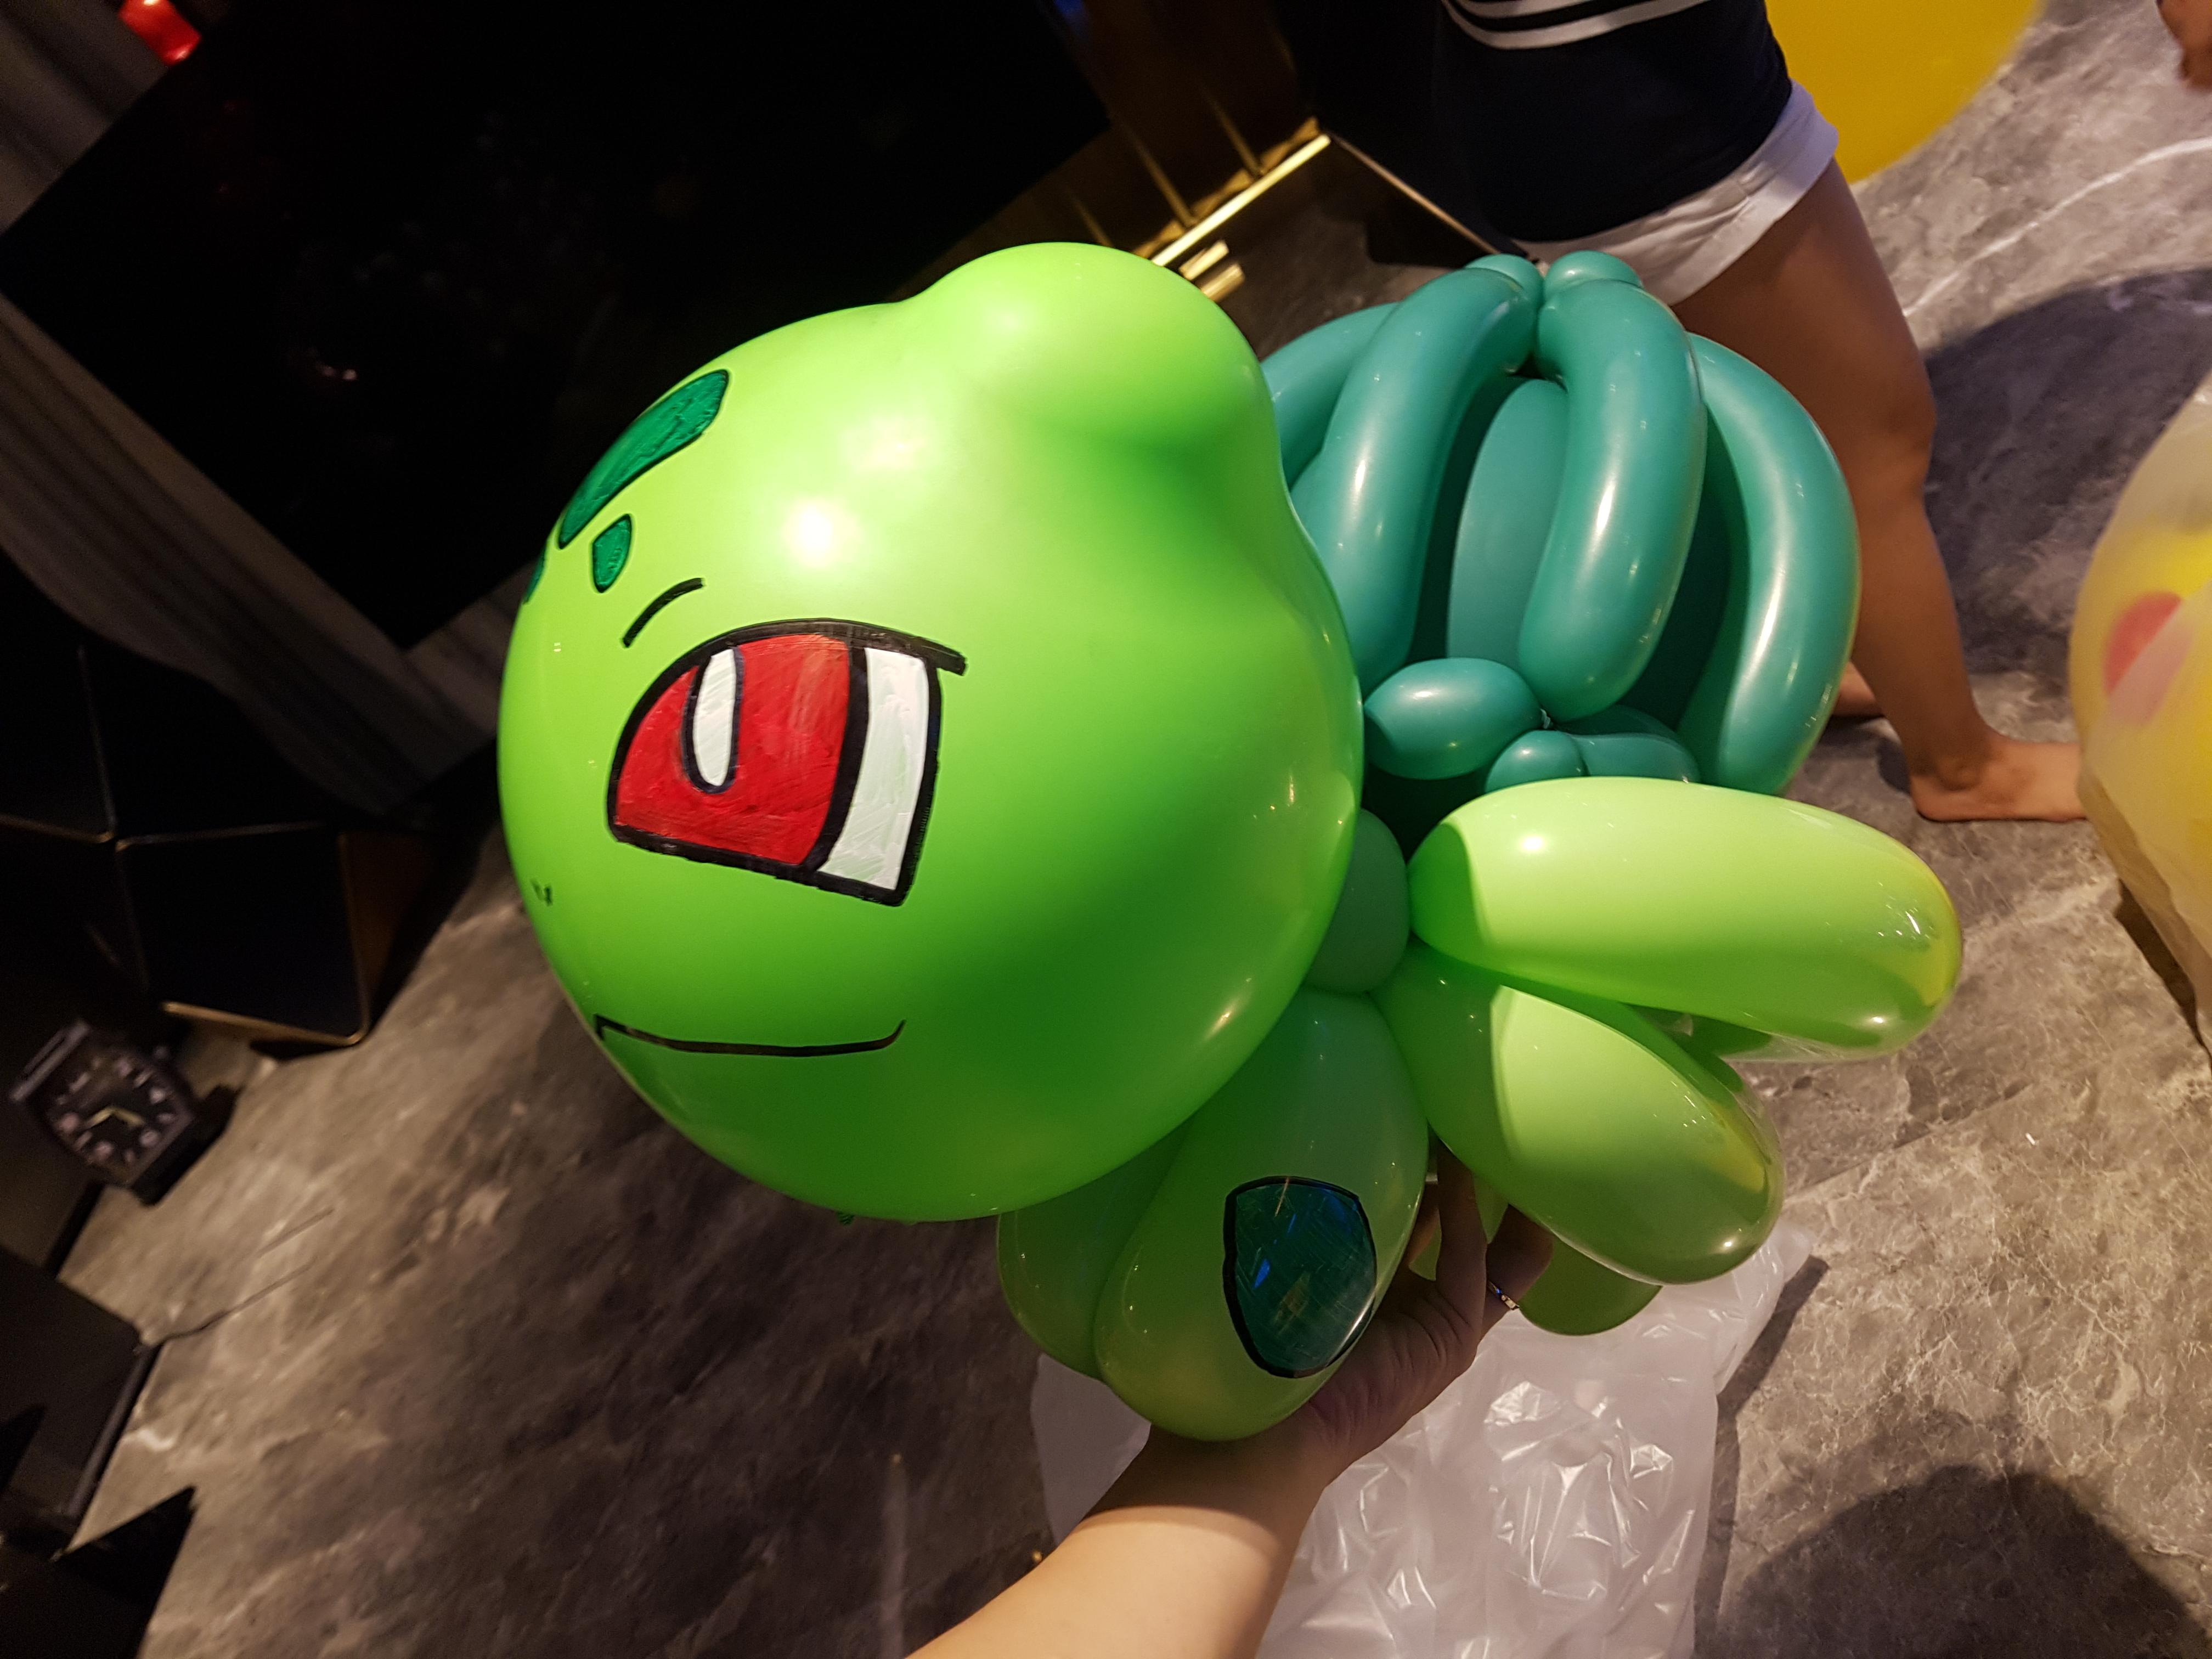 Bulbasaur Pokemon balloon sculpture